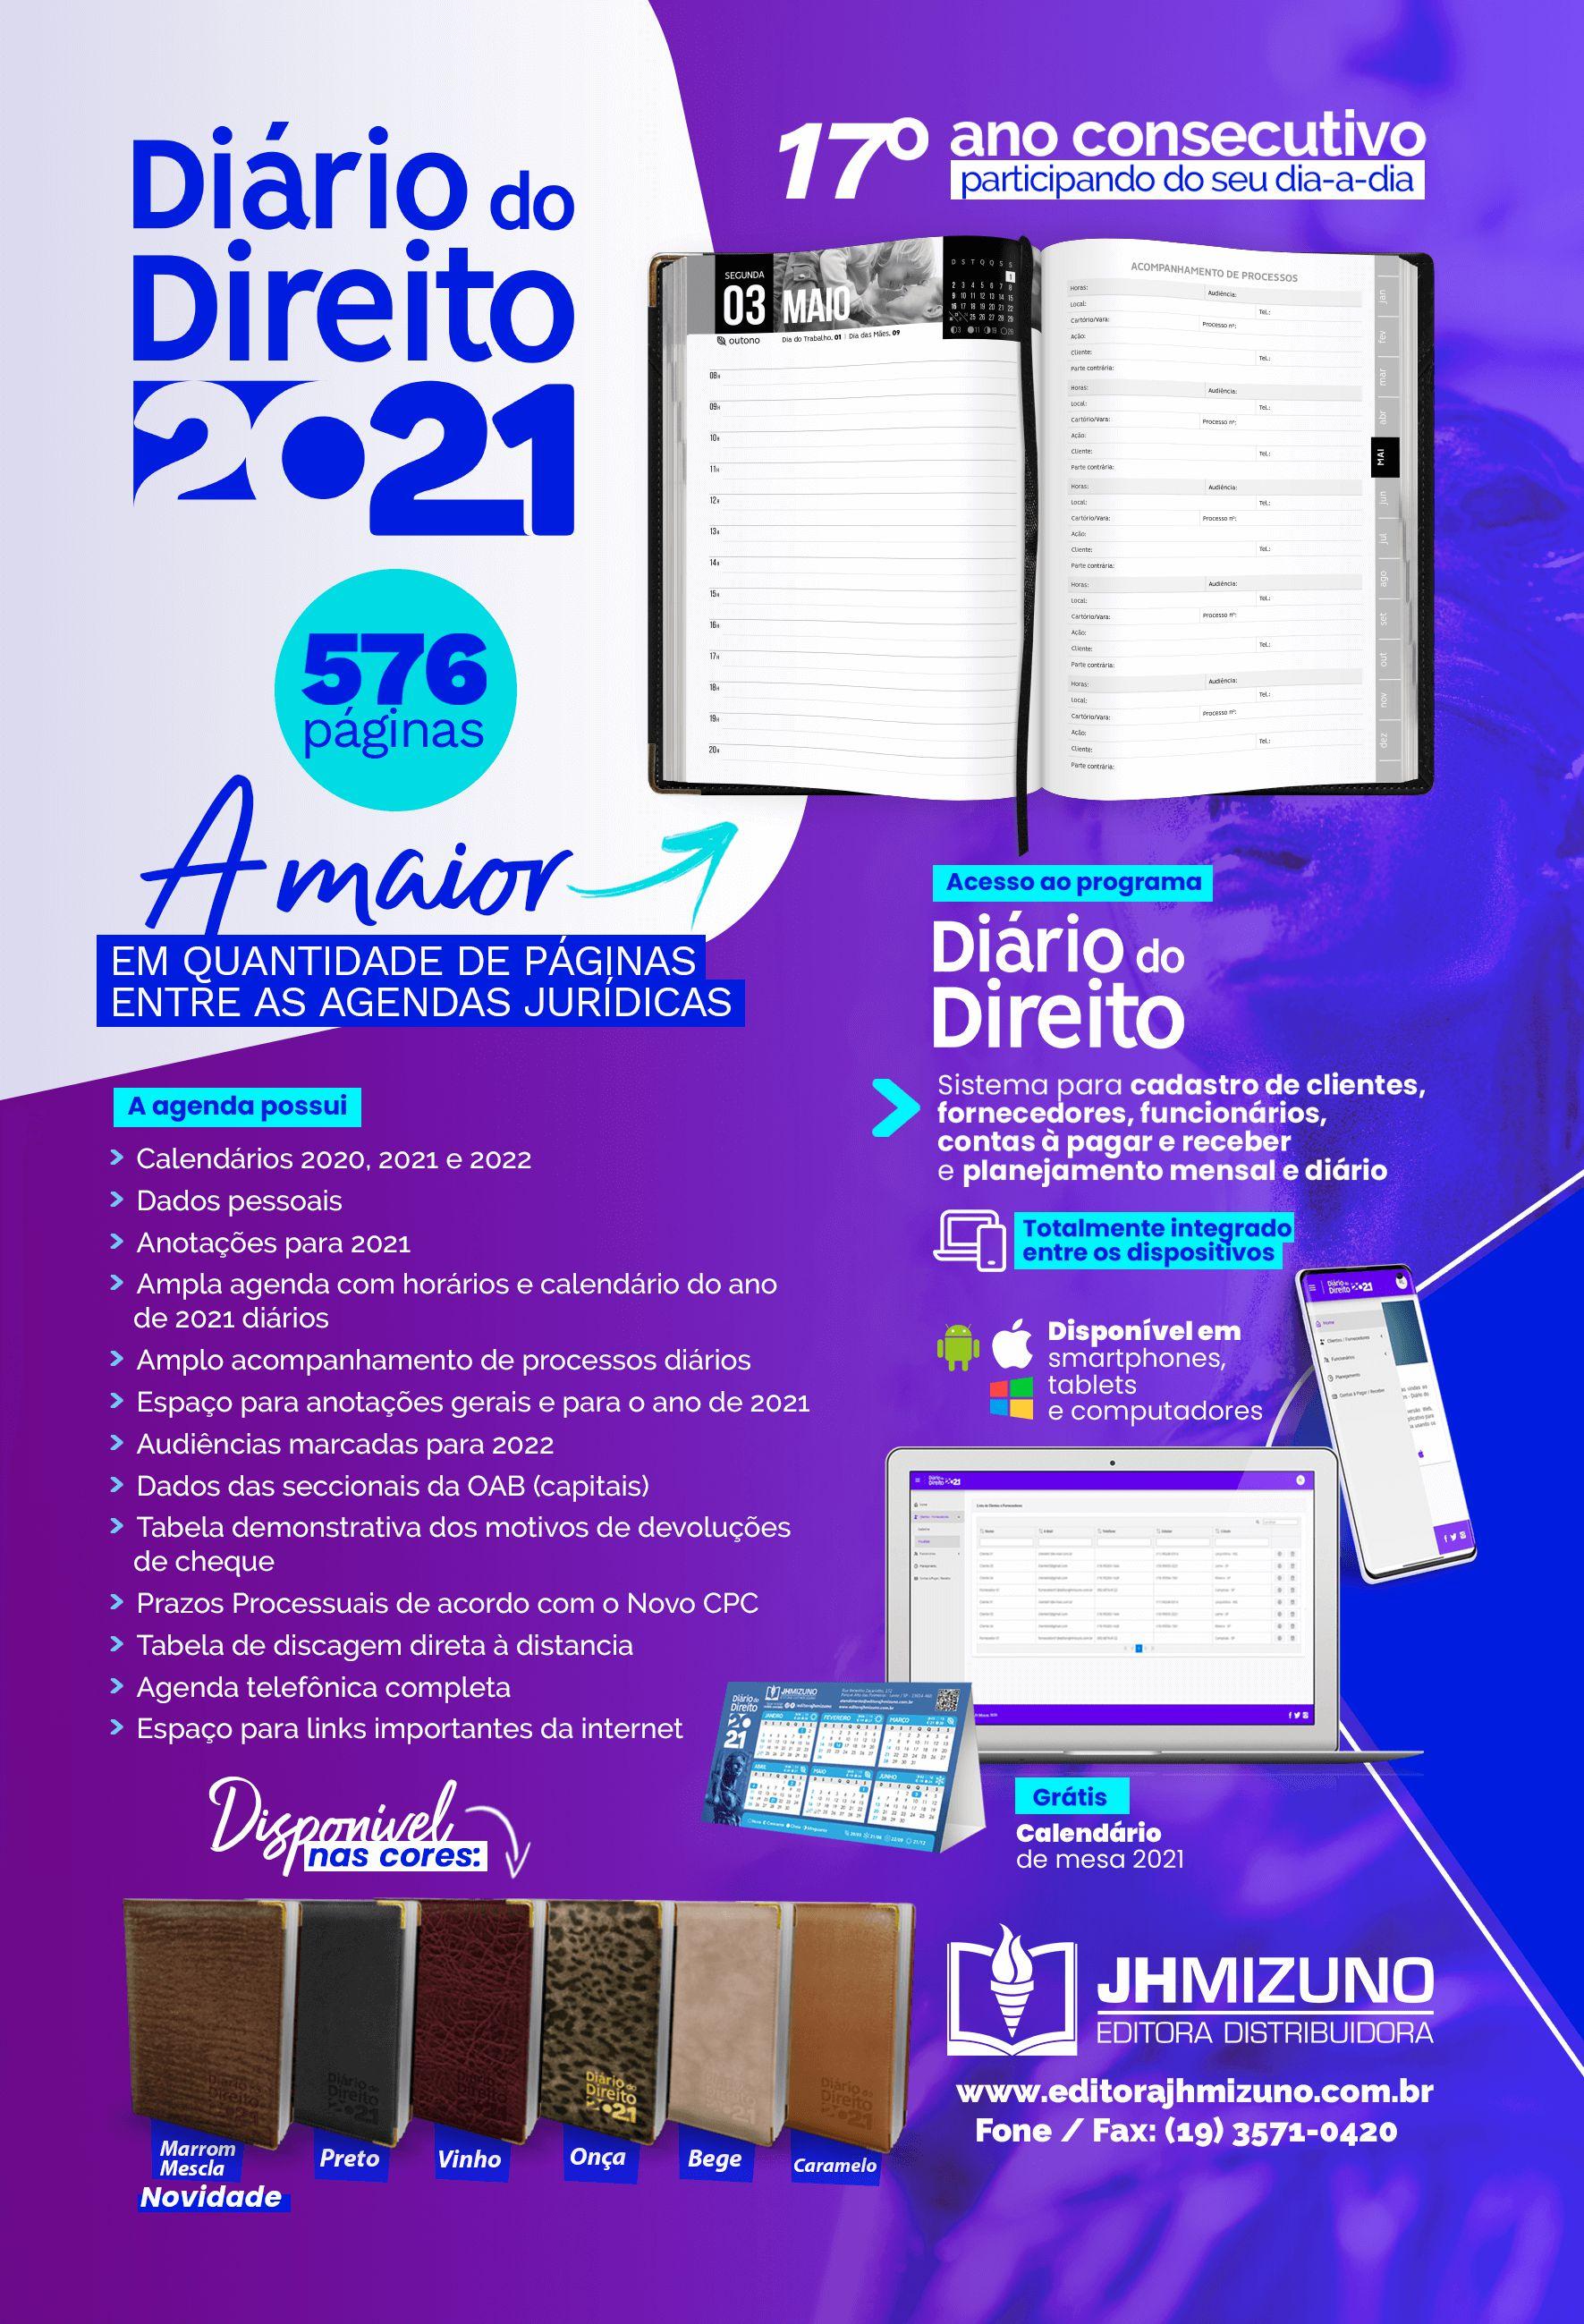 Detalhes da Agenda Jurídica - Diário do Direito 2021 da Editora Mizuno